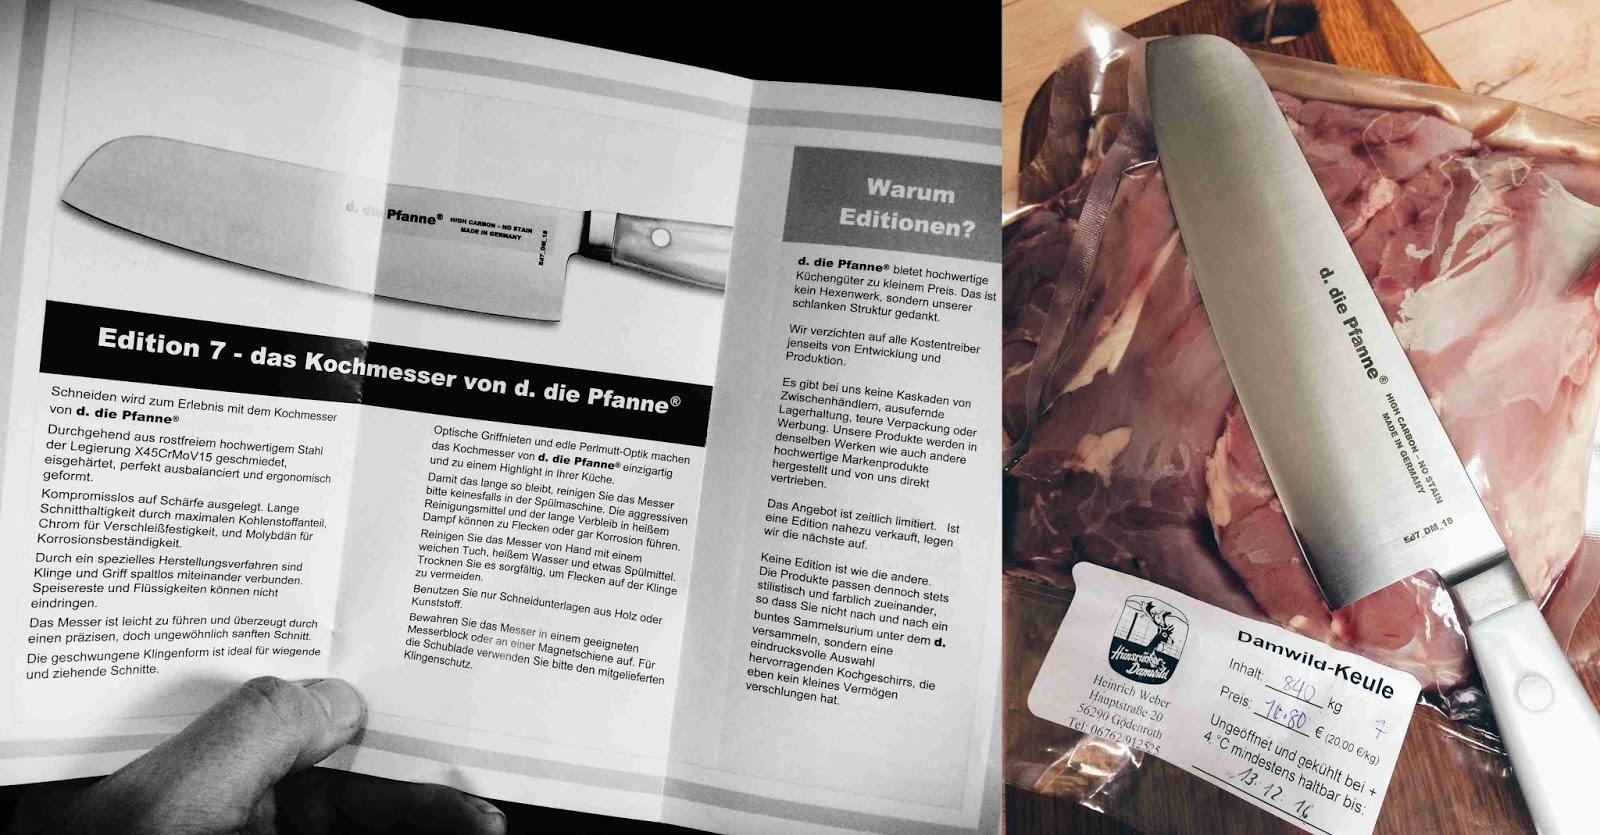 Edition 7 - das Messer   Universaltalent im Test - Moderne ...